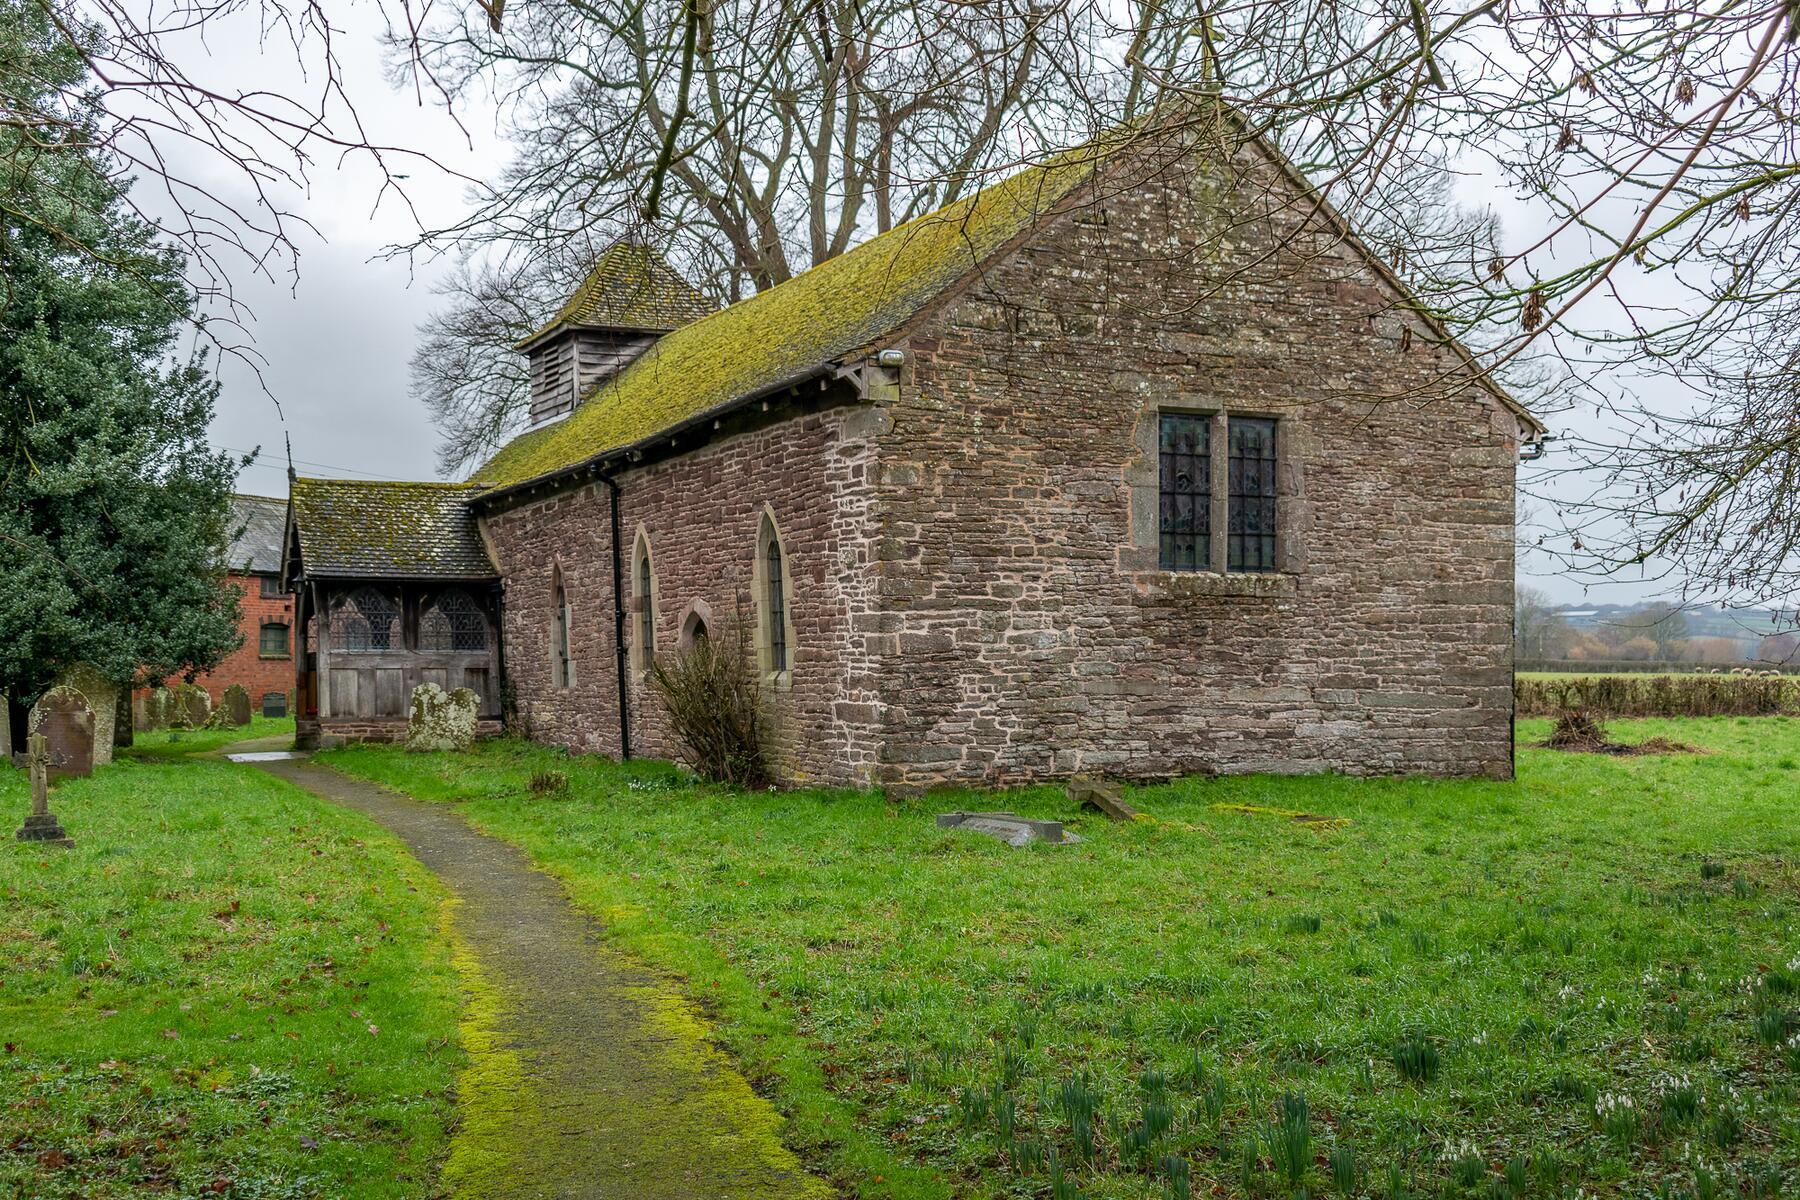 ST MARY MAGDALENE'S CHURCH